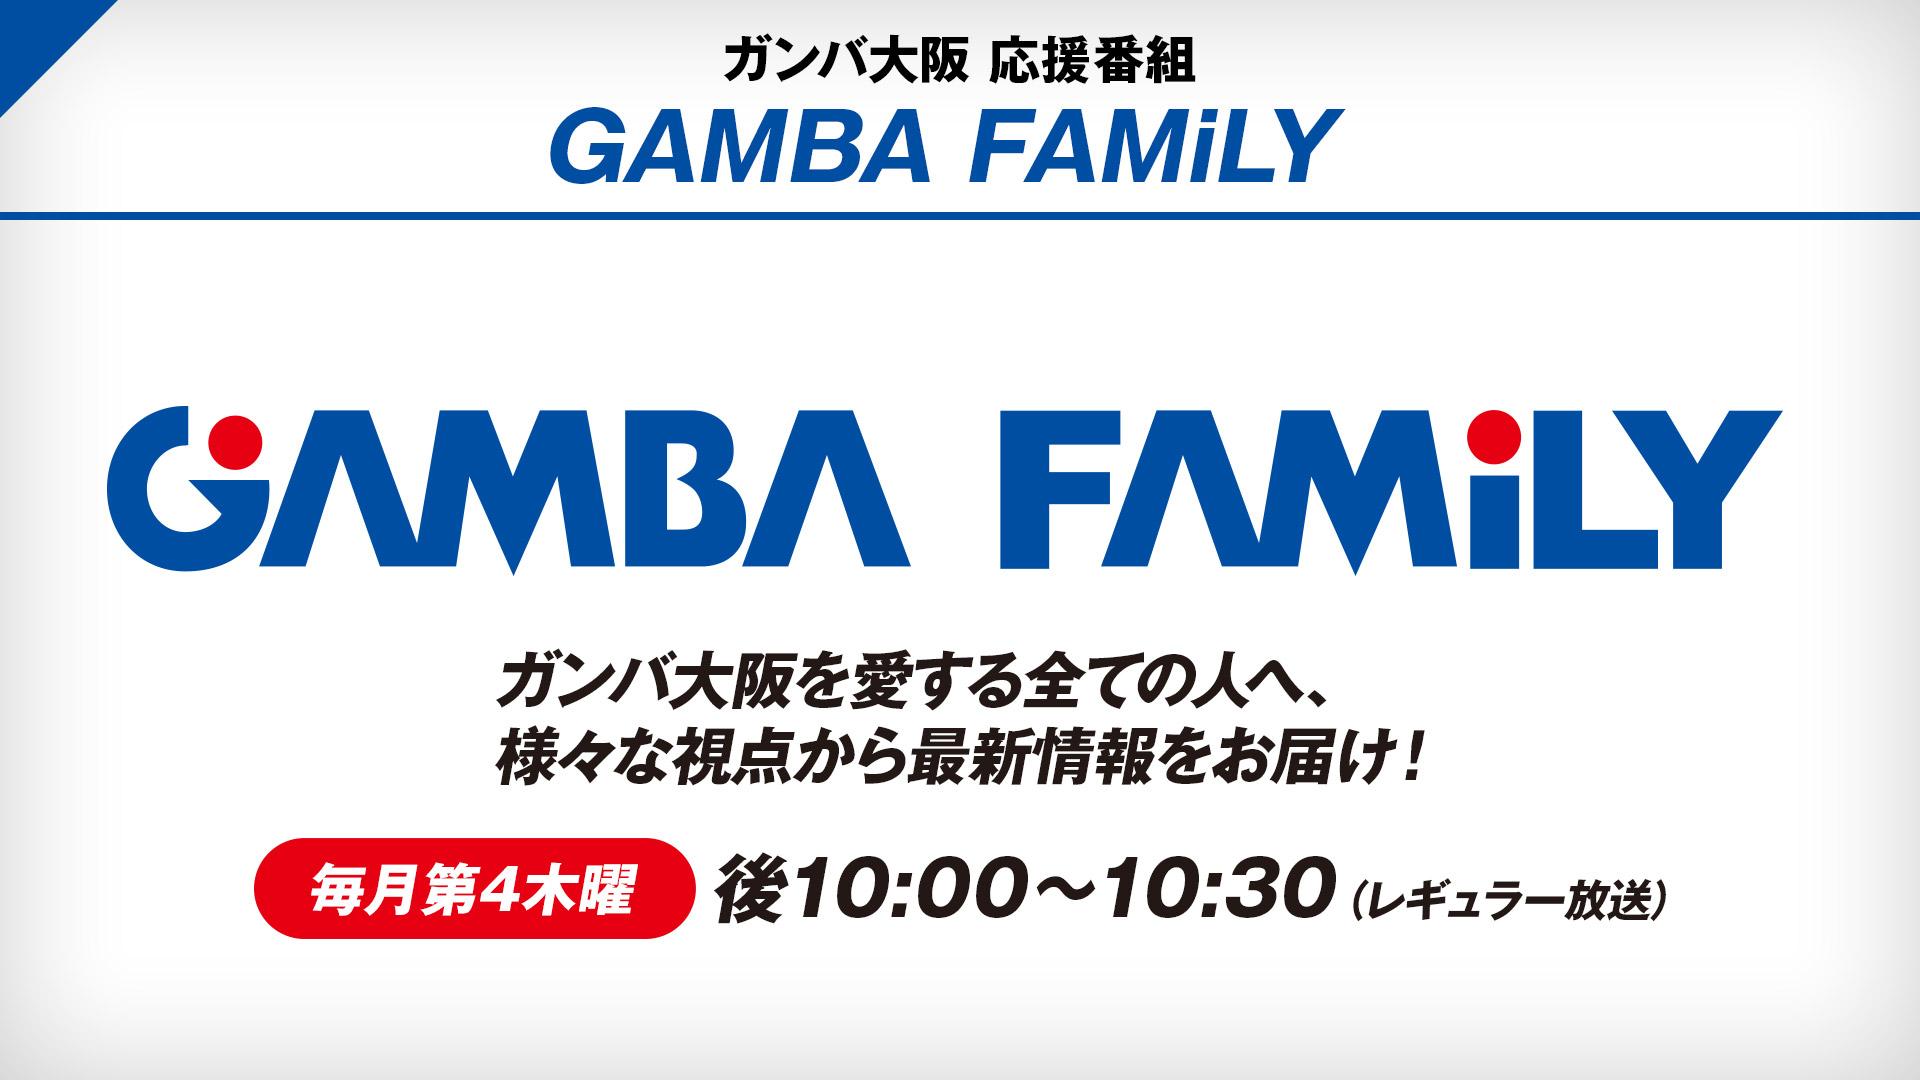 ガンバ大阪 応援番組 Gamba Family 71 番組詳細 オリジナル